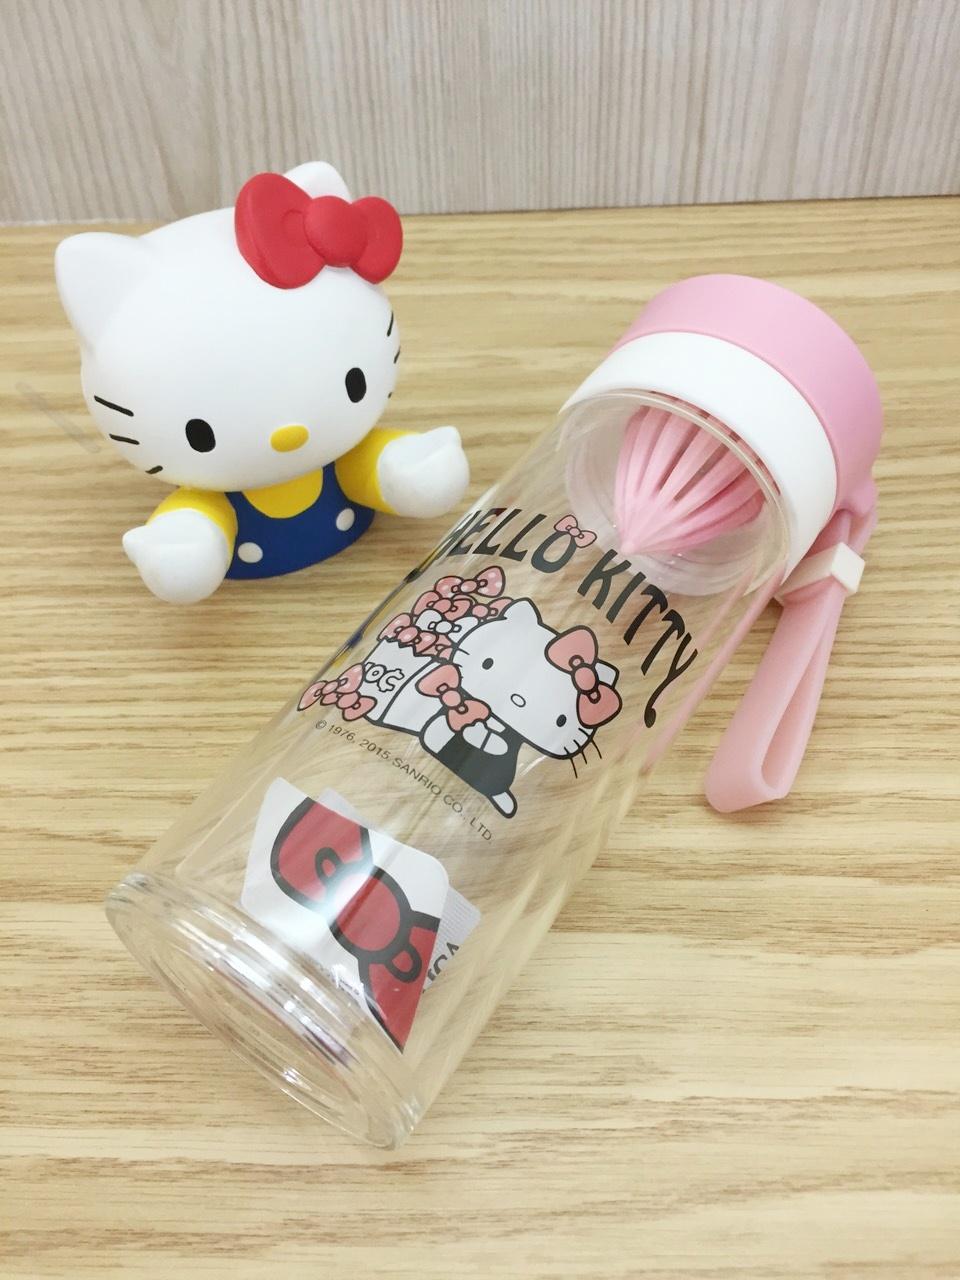 【真愛日本】15060500012 雙層耐熱玻璃檸檬瓶-粉 三麗鷗 Hello Kitty 凱蒂貓 水瓶 水杯 居家 廚房 正品 限量